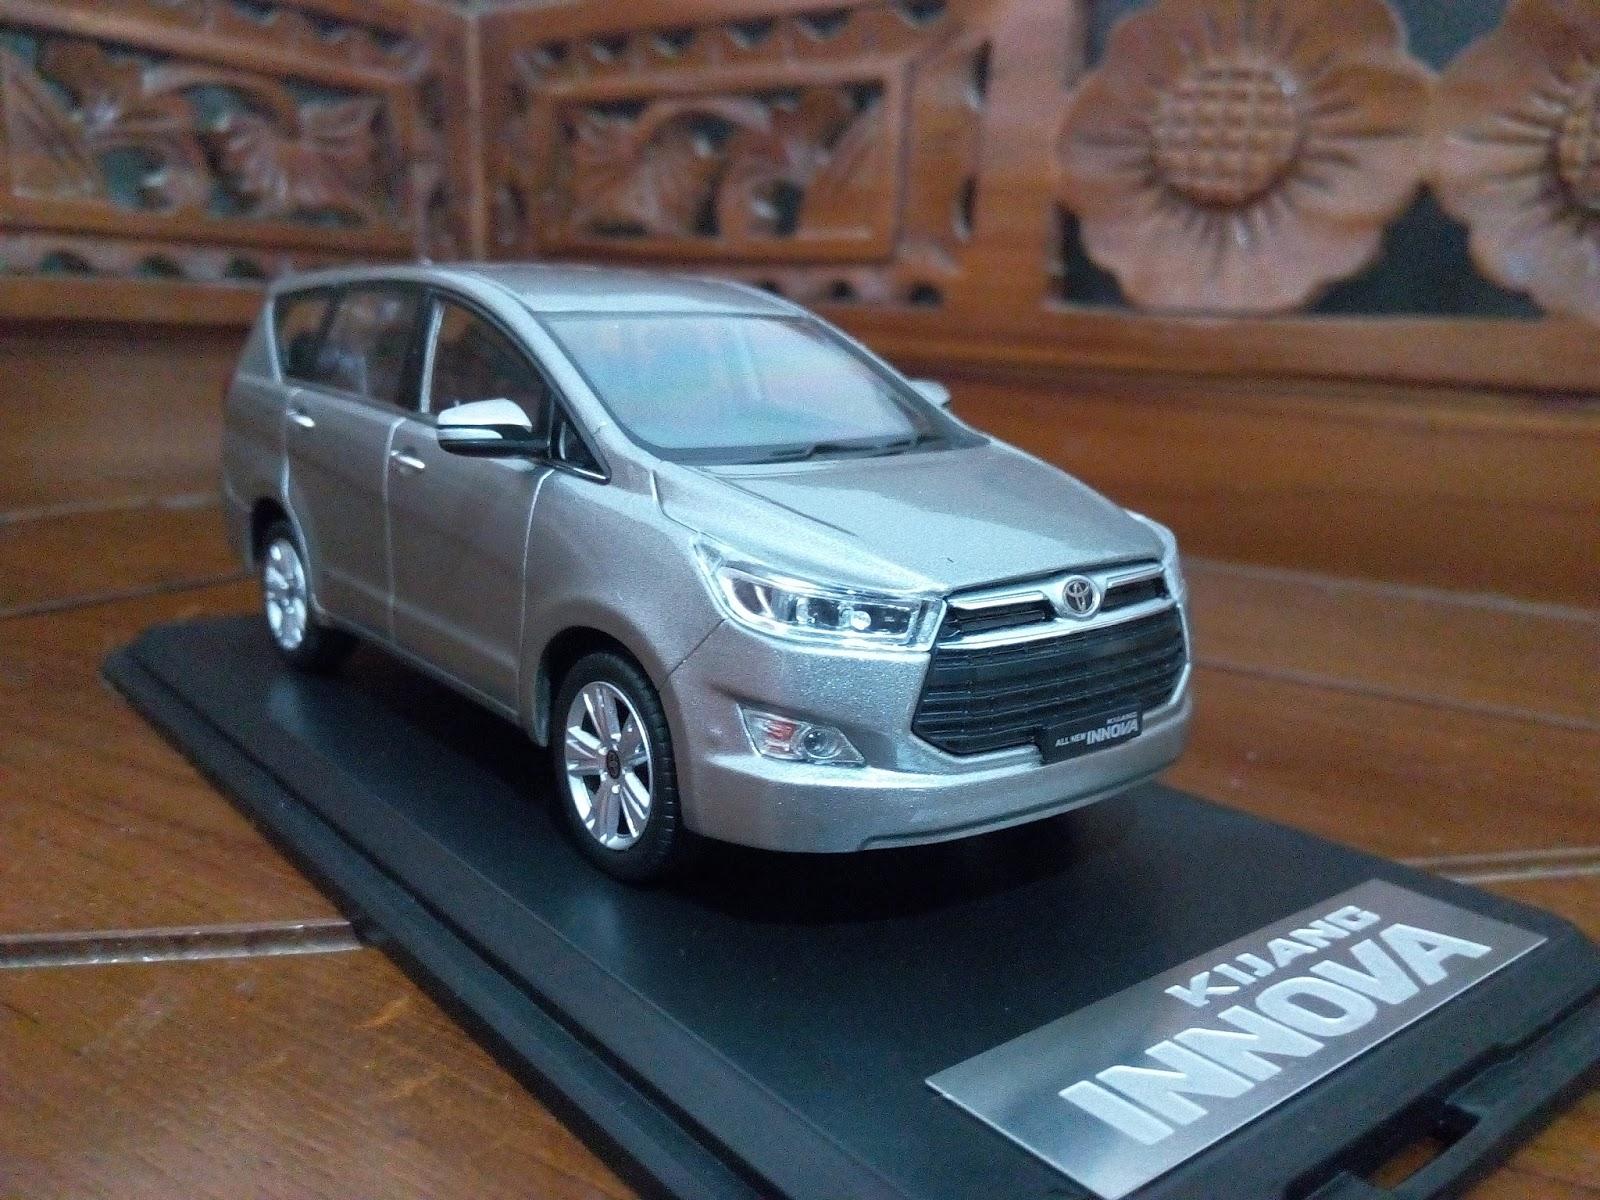 New Kijang Innova Spesifikasi Grand Veloz 1.5 Matic 2016 Miniatur Diecast Mobil Toyota